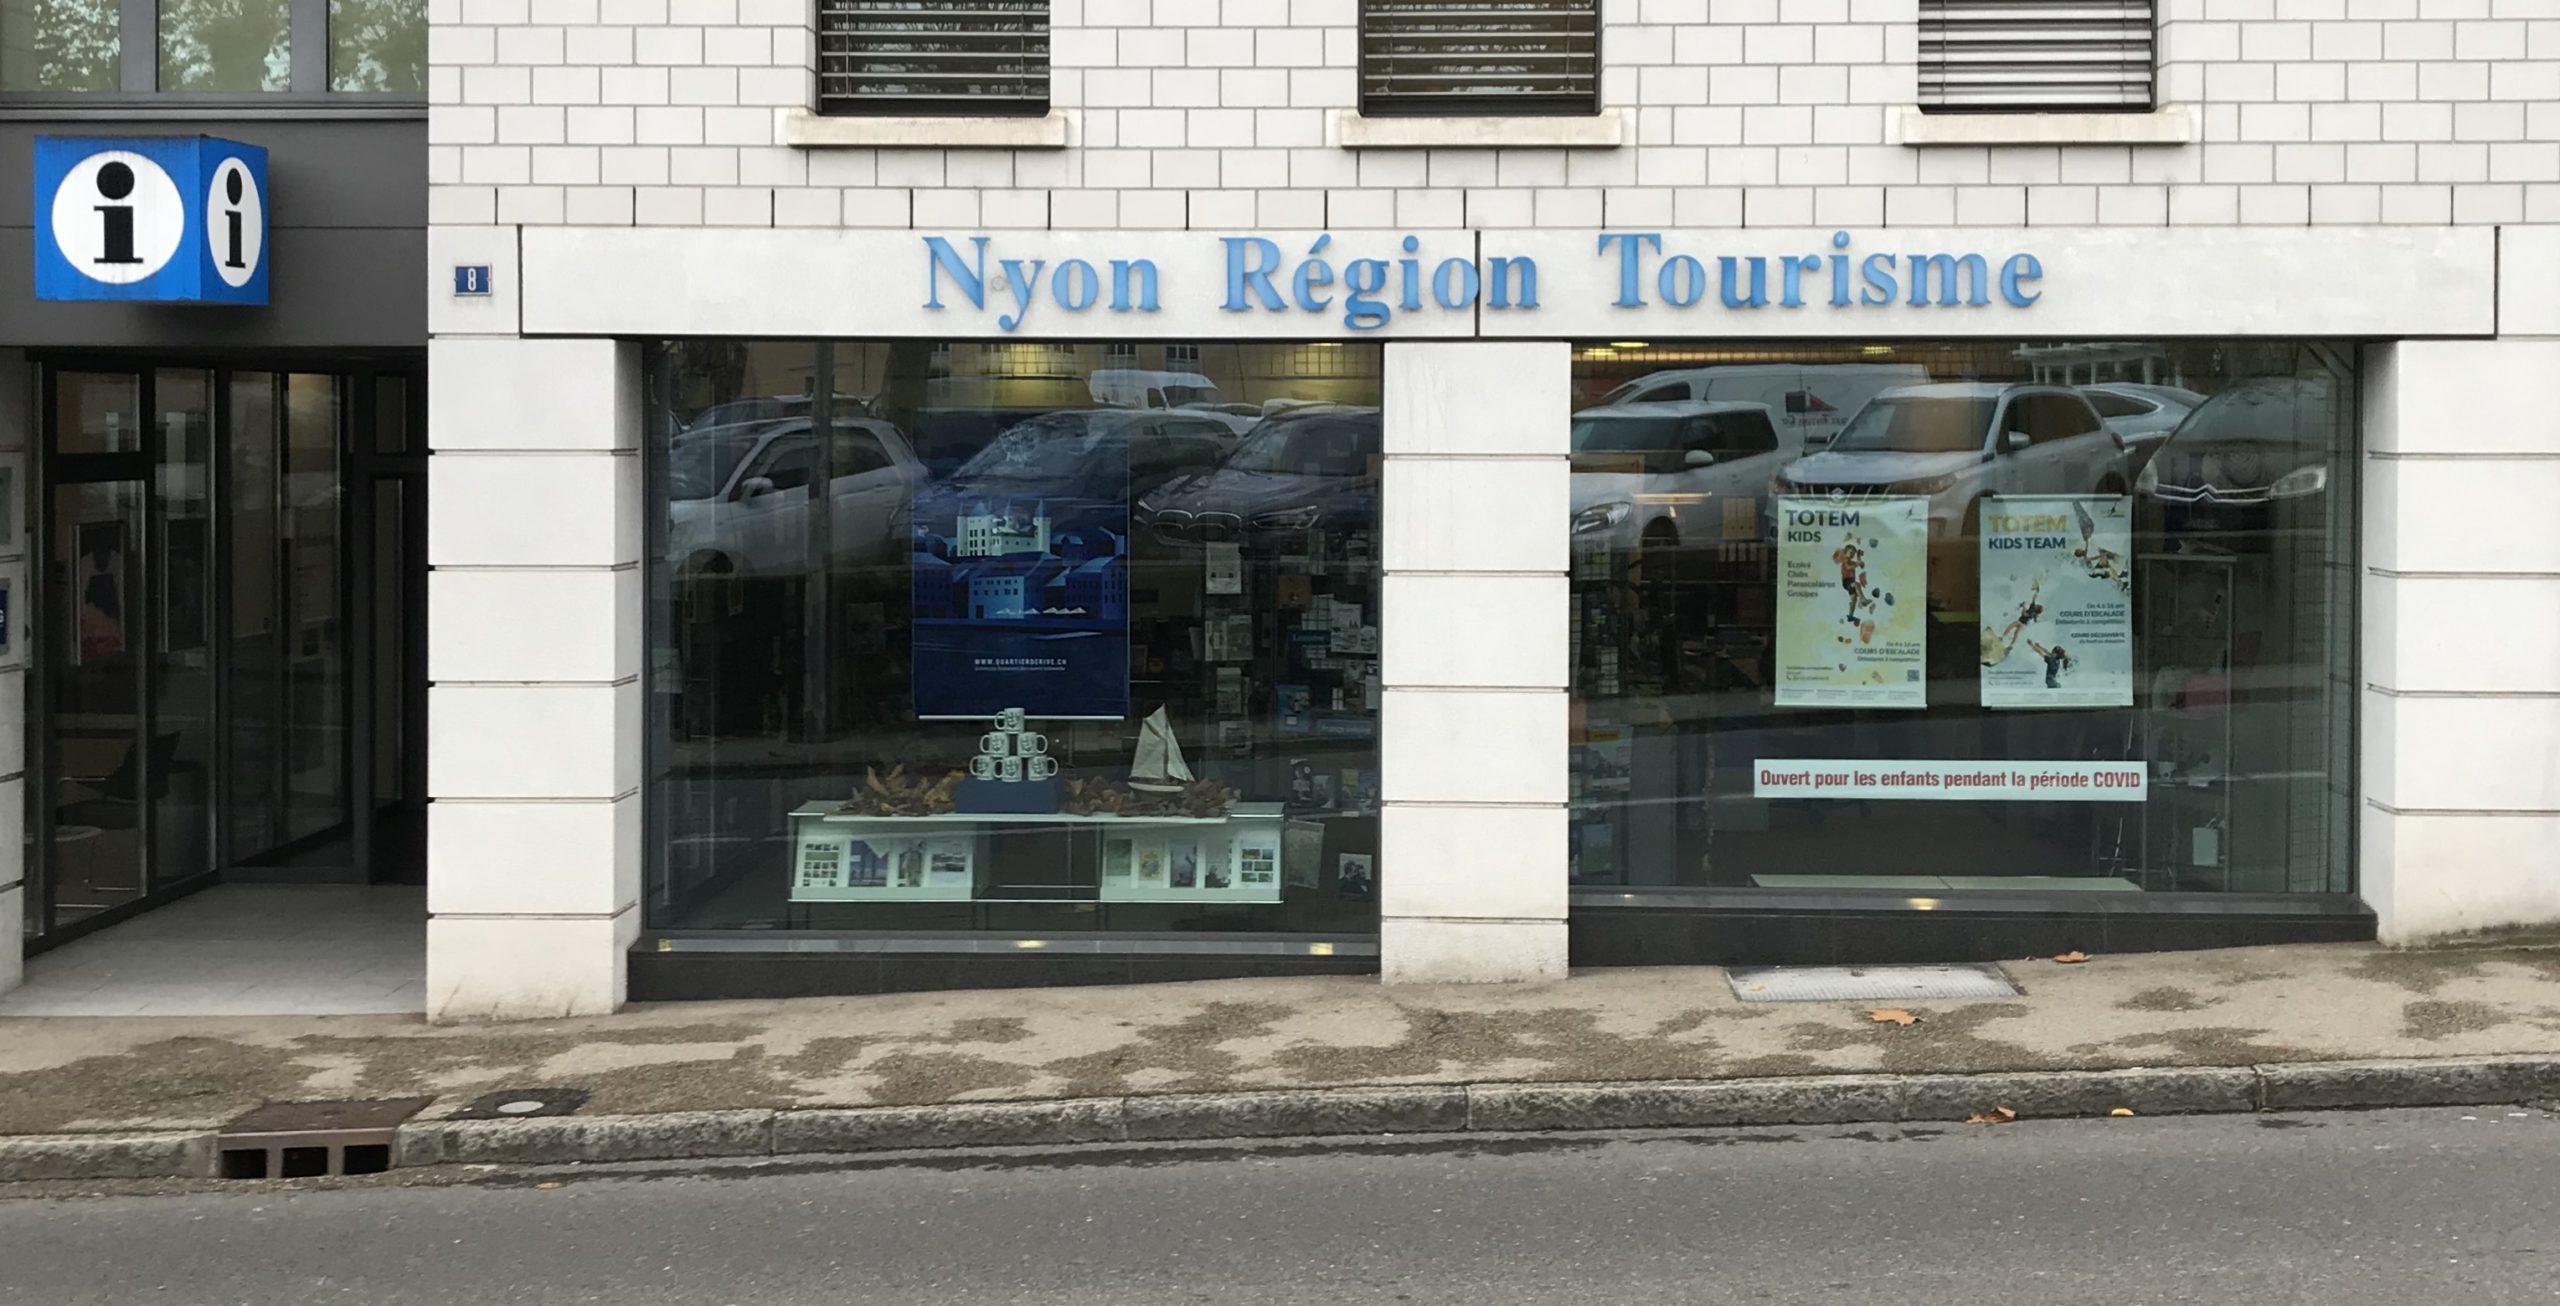 vitrine du Quartier de Rive- Nyon Région Tourisme-